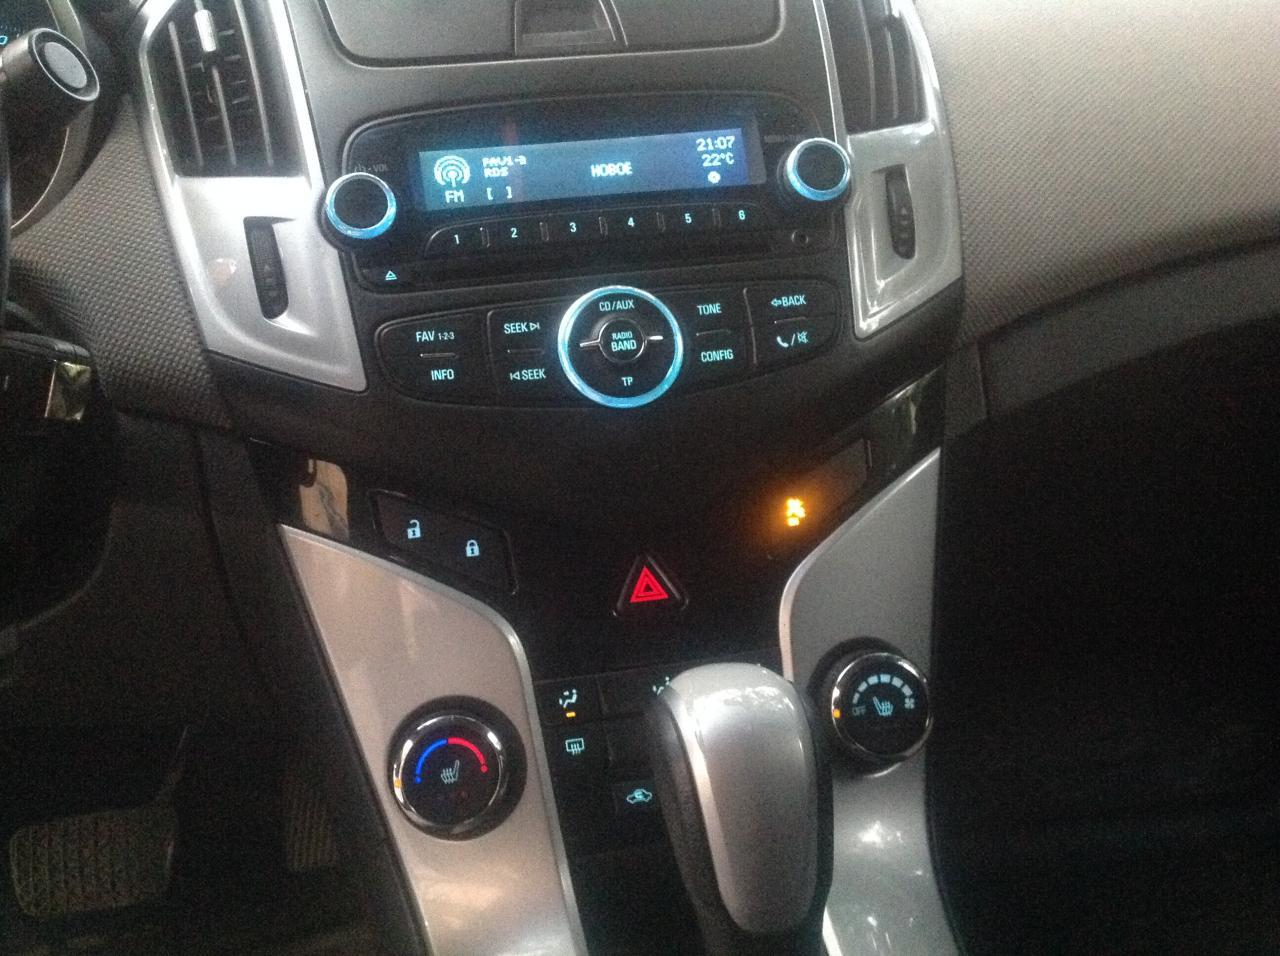 Chevrolet Cruze 2011 г.в. г.Екатеринбург - фото 2